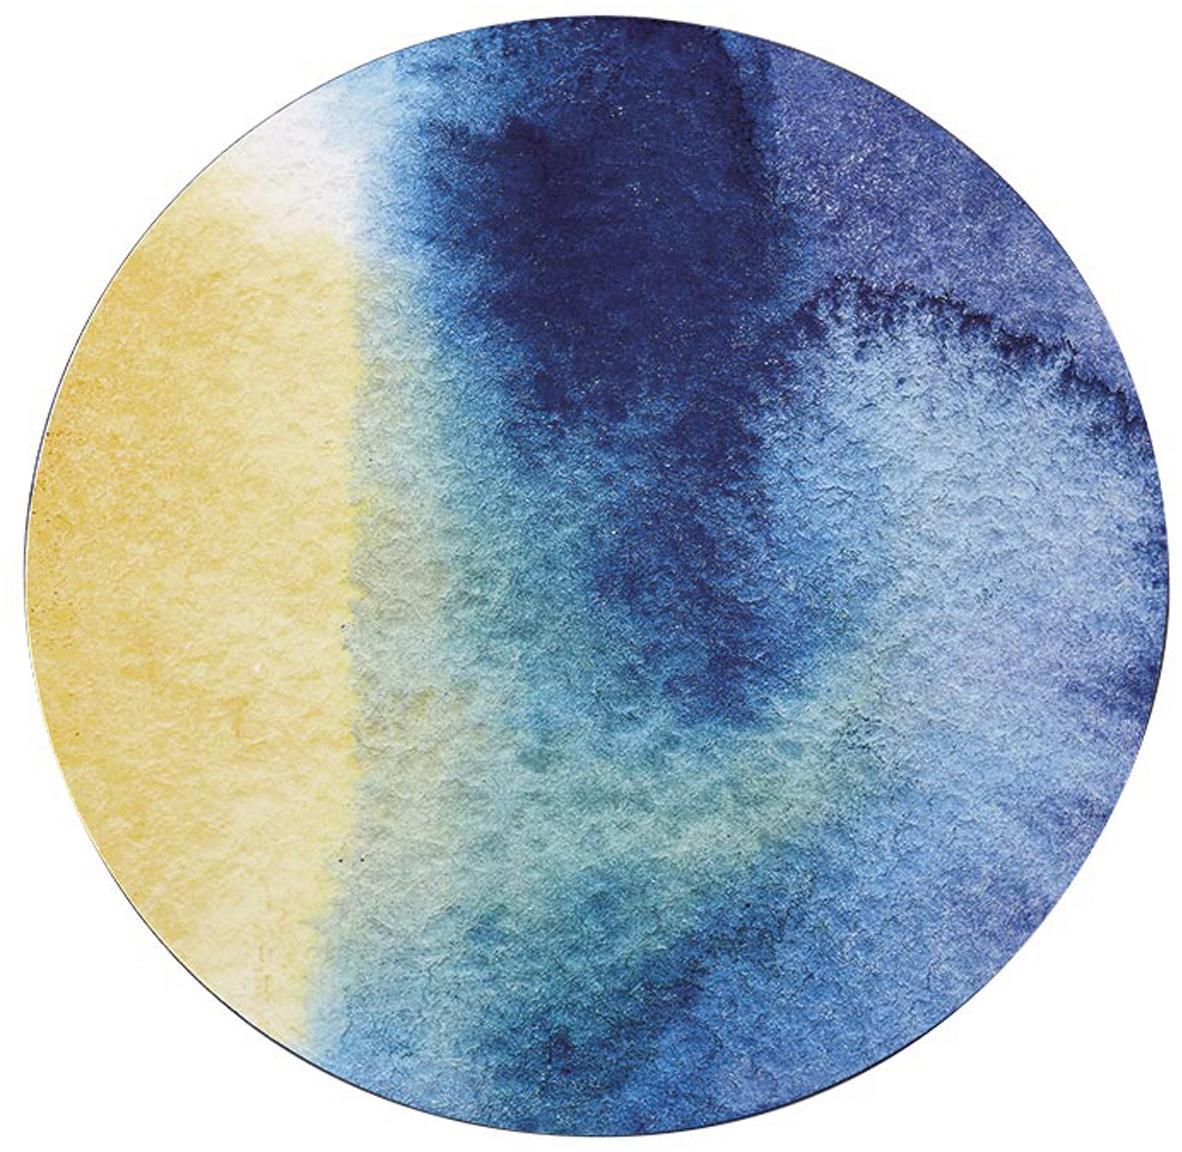 Tovaglietta americana rotonda Inky 4 pz, Retro: sughero, Blu, bianco, giallo, turchese, Ø 29 cm